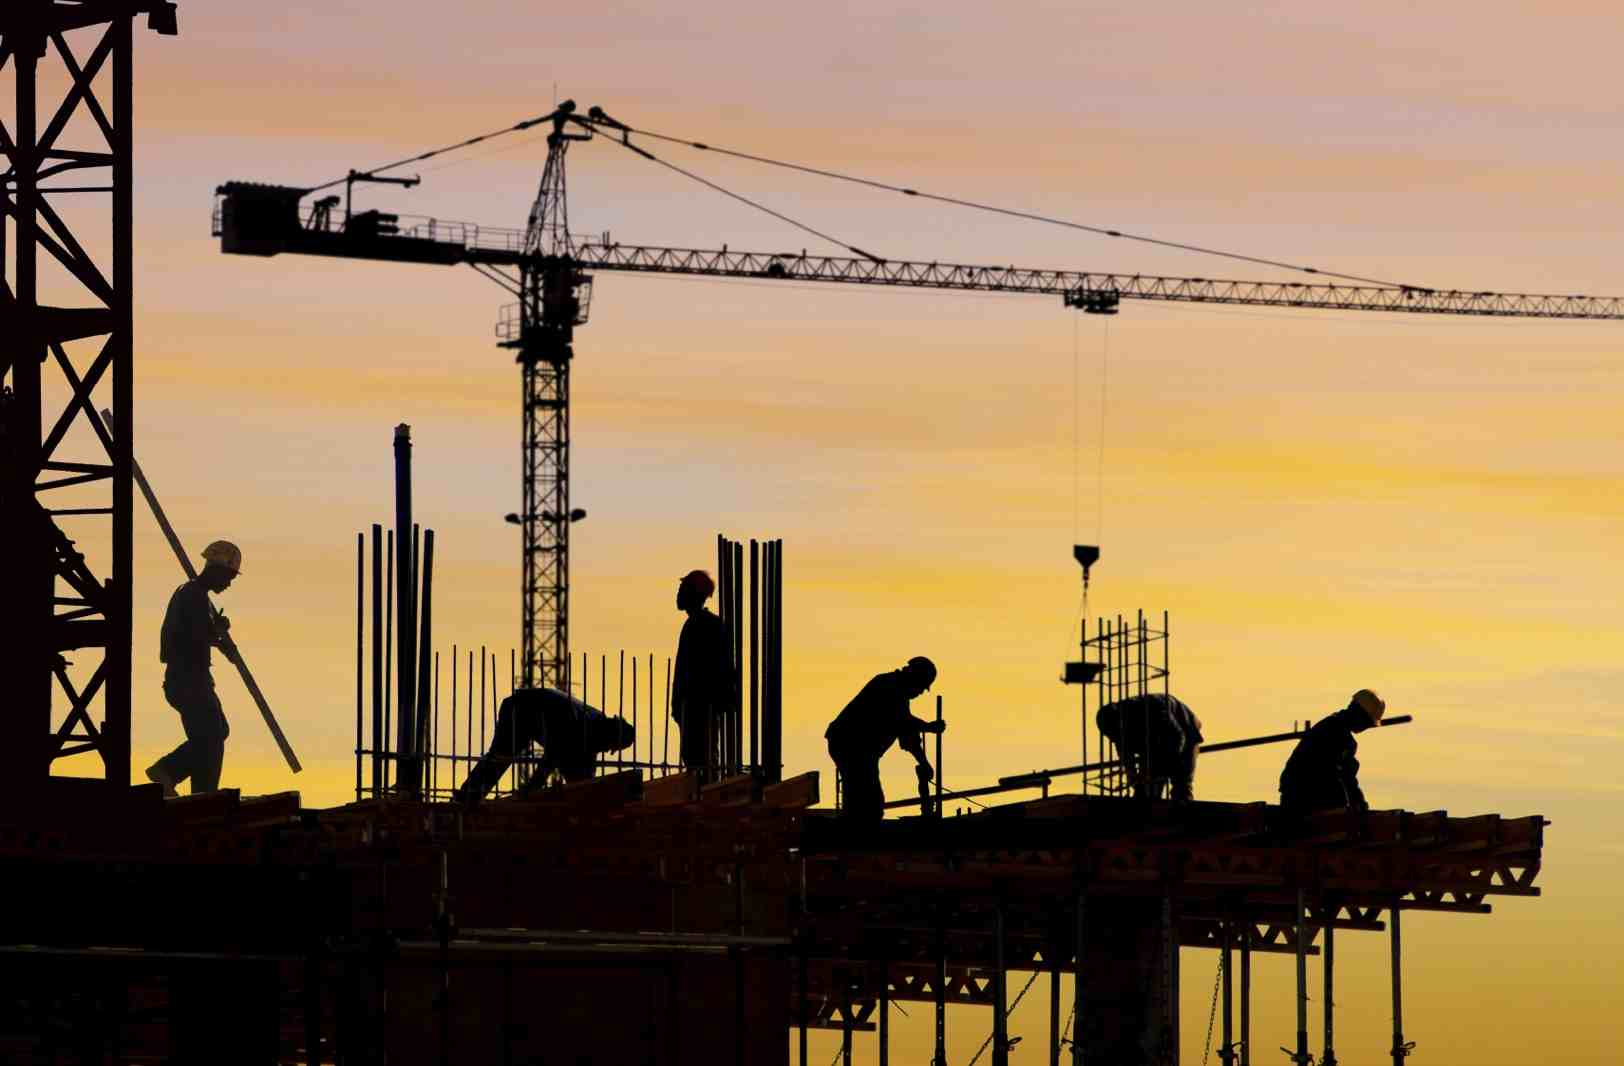 Background Property Developments : Cinco dicas de segurança para trabalhadores da construção